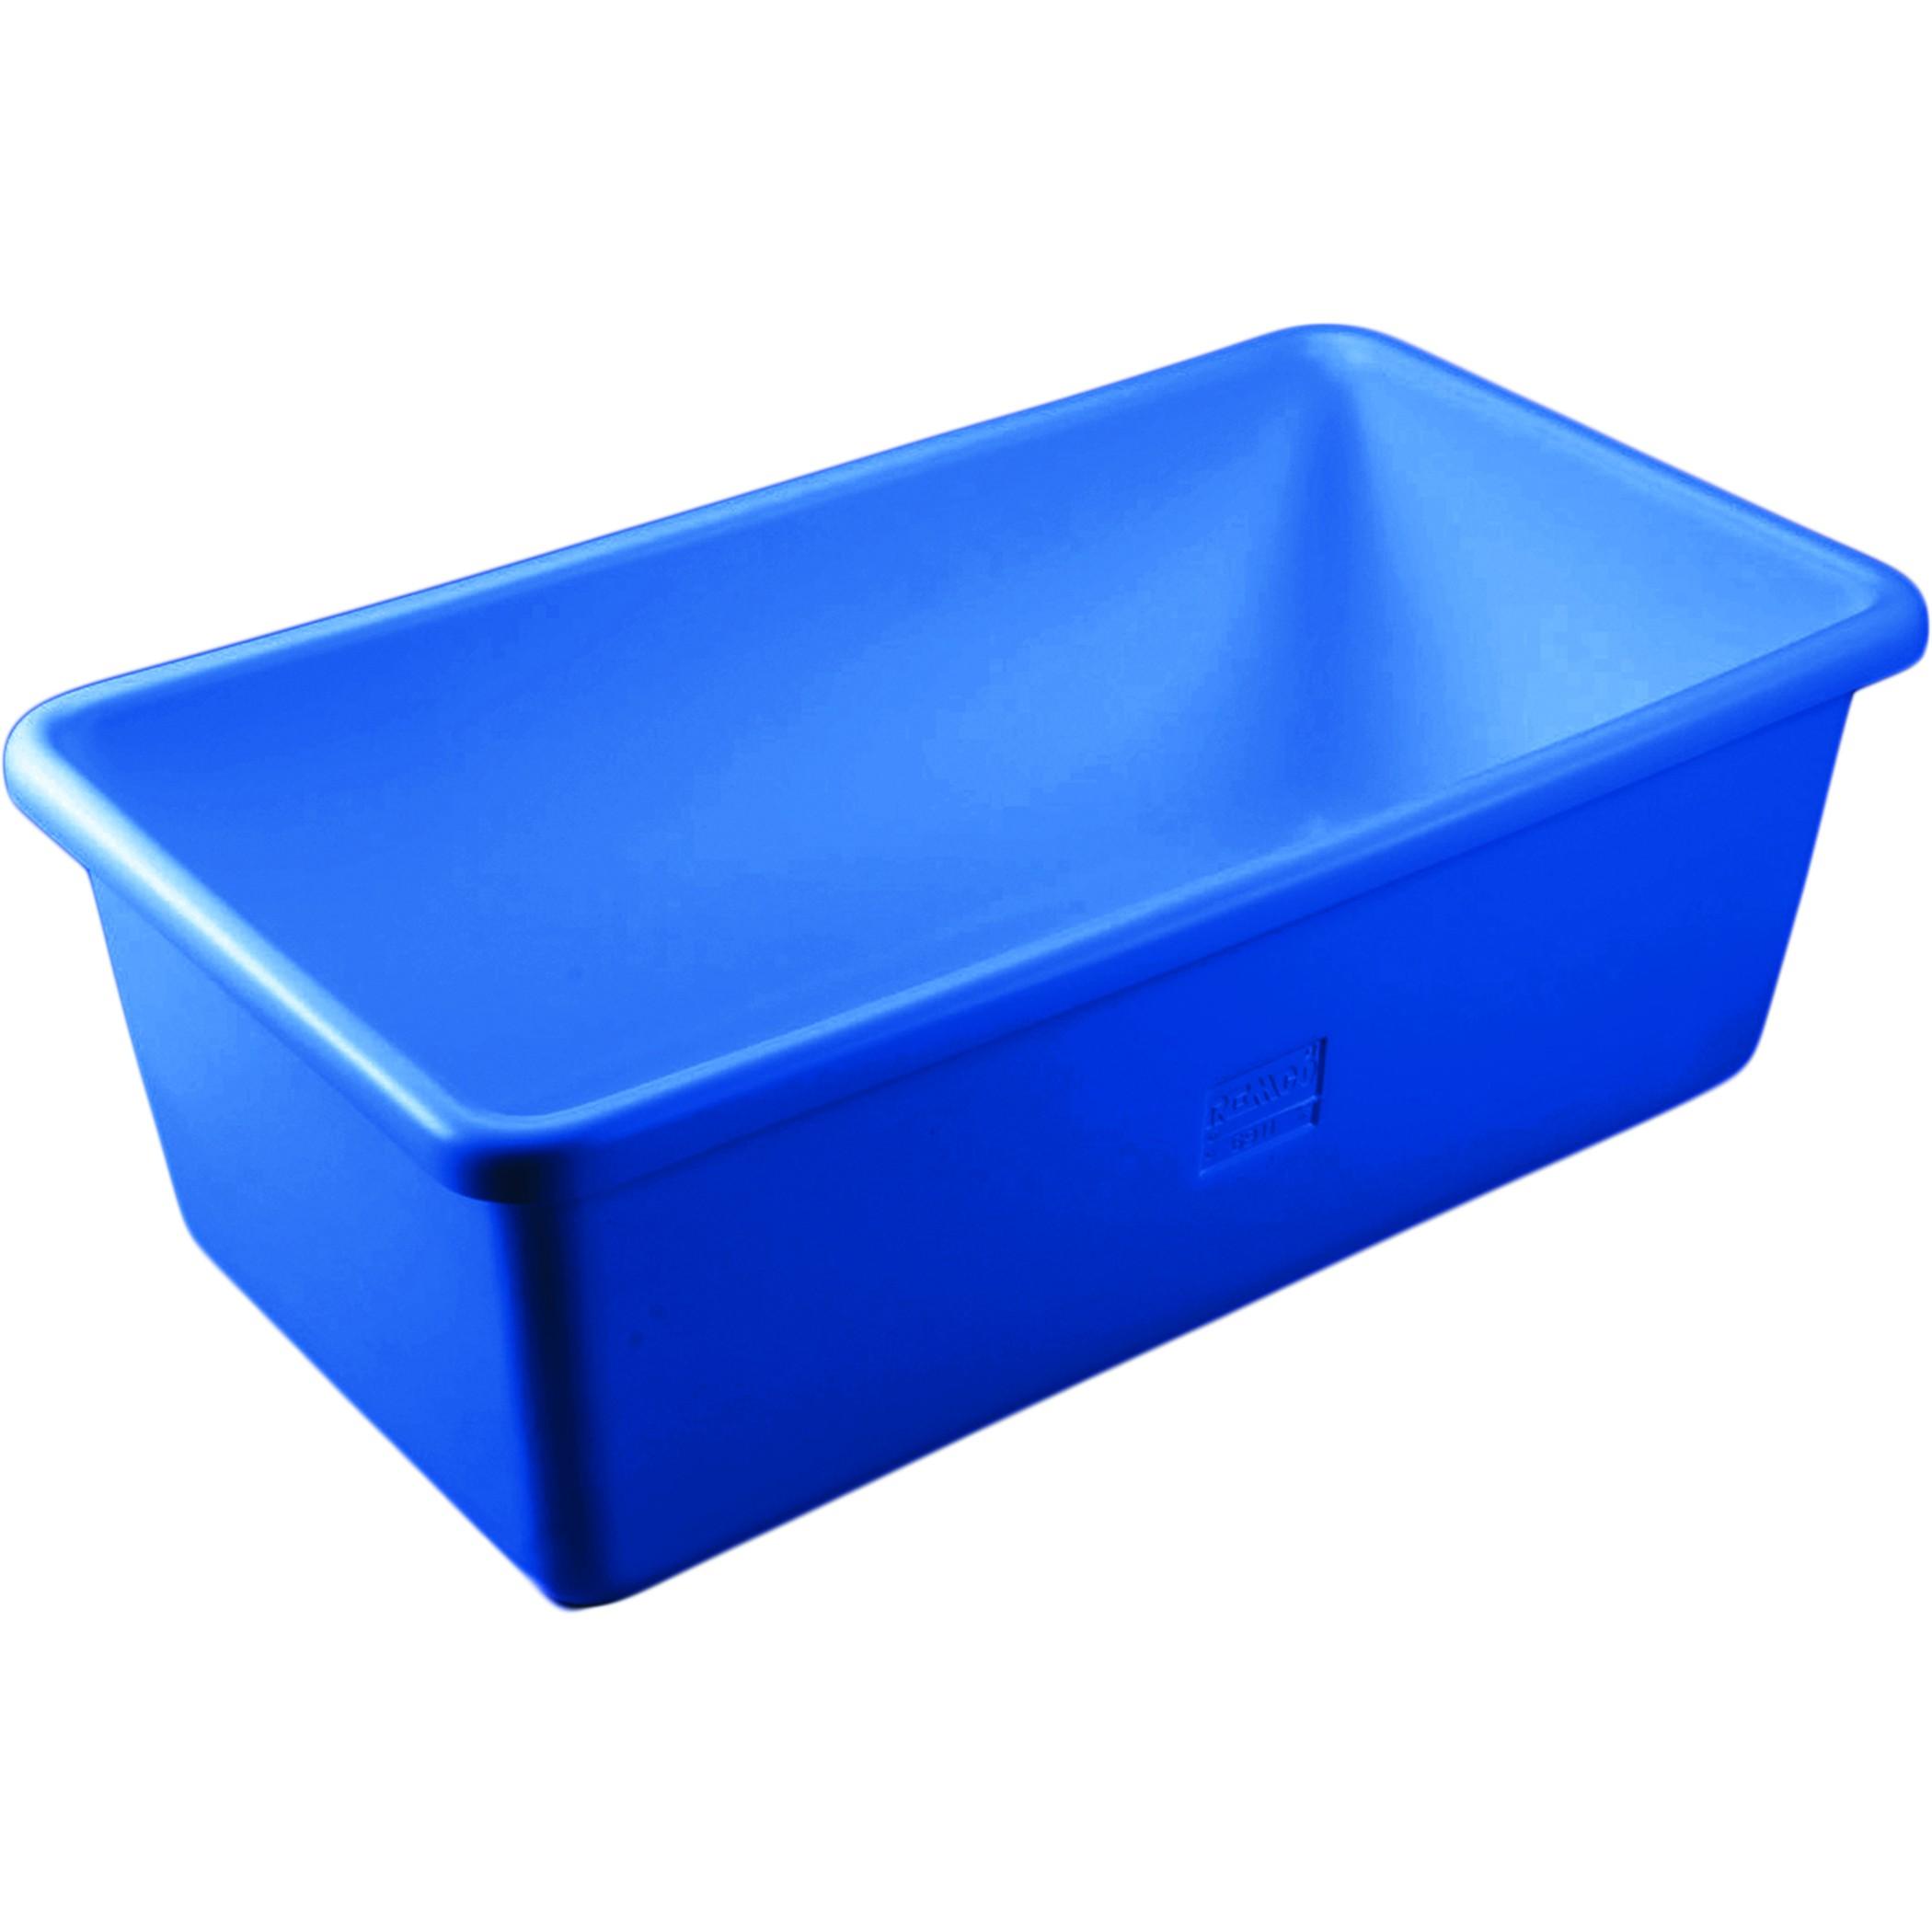 Funky Blue Tub Vignette - Bathtub Design Ideas - klotsnet.com